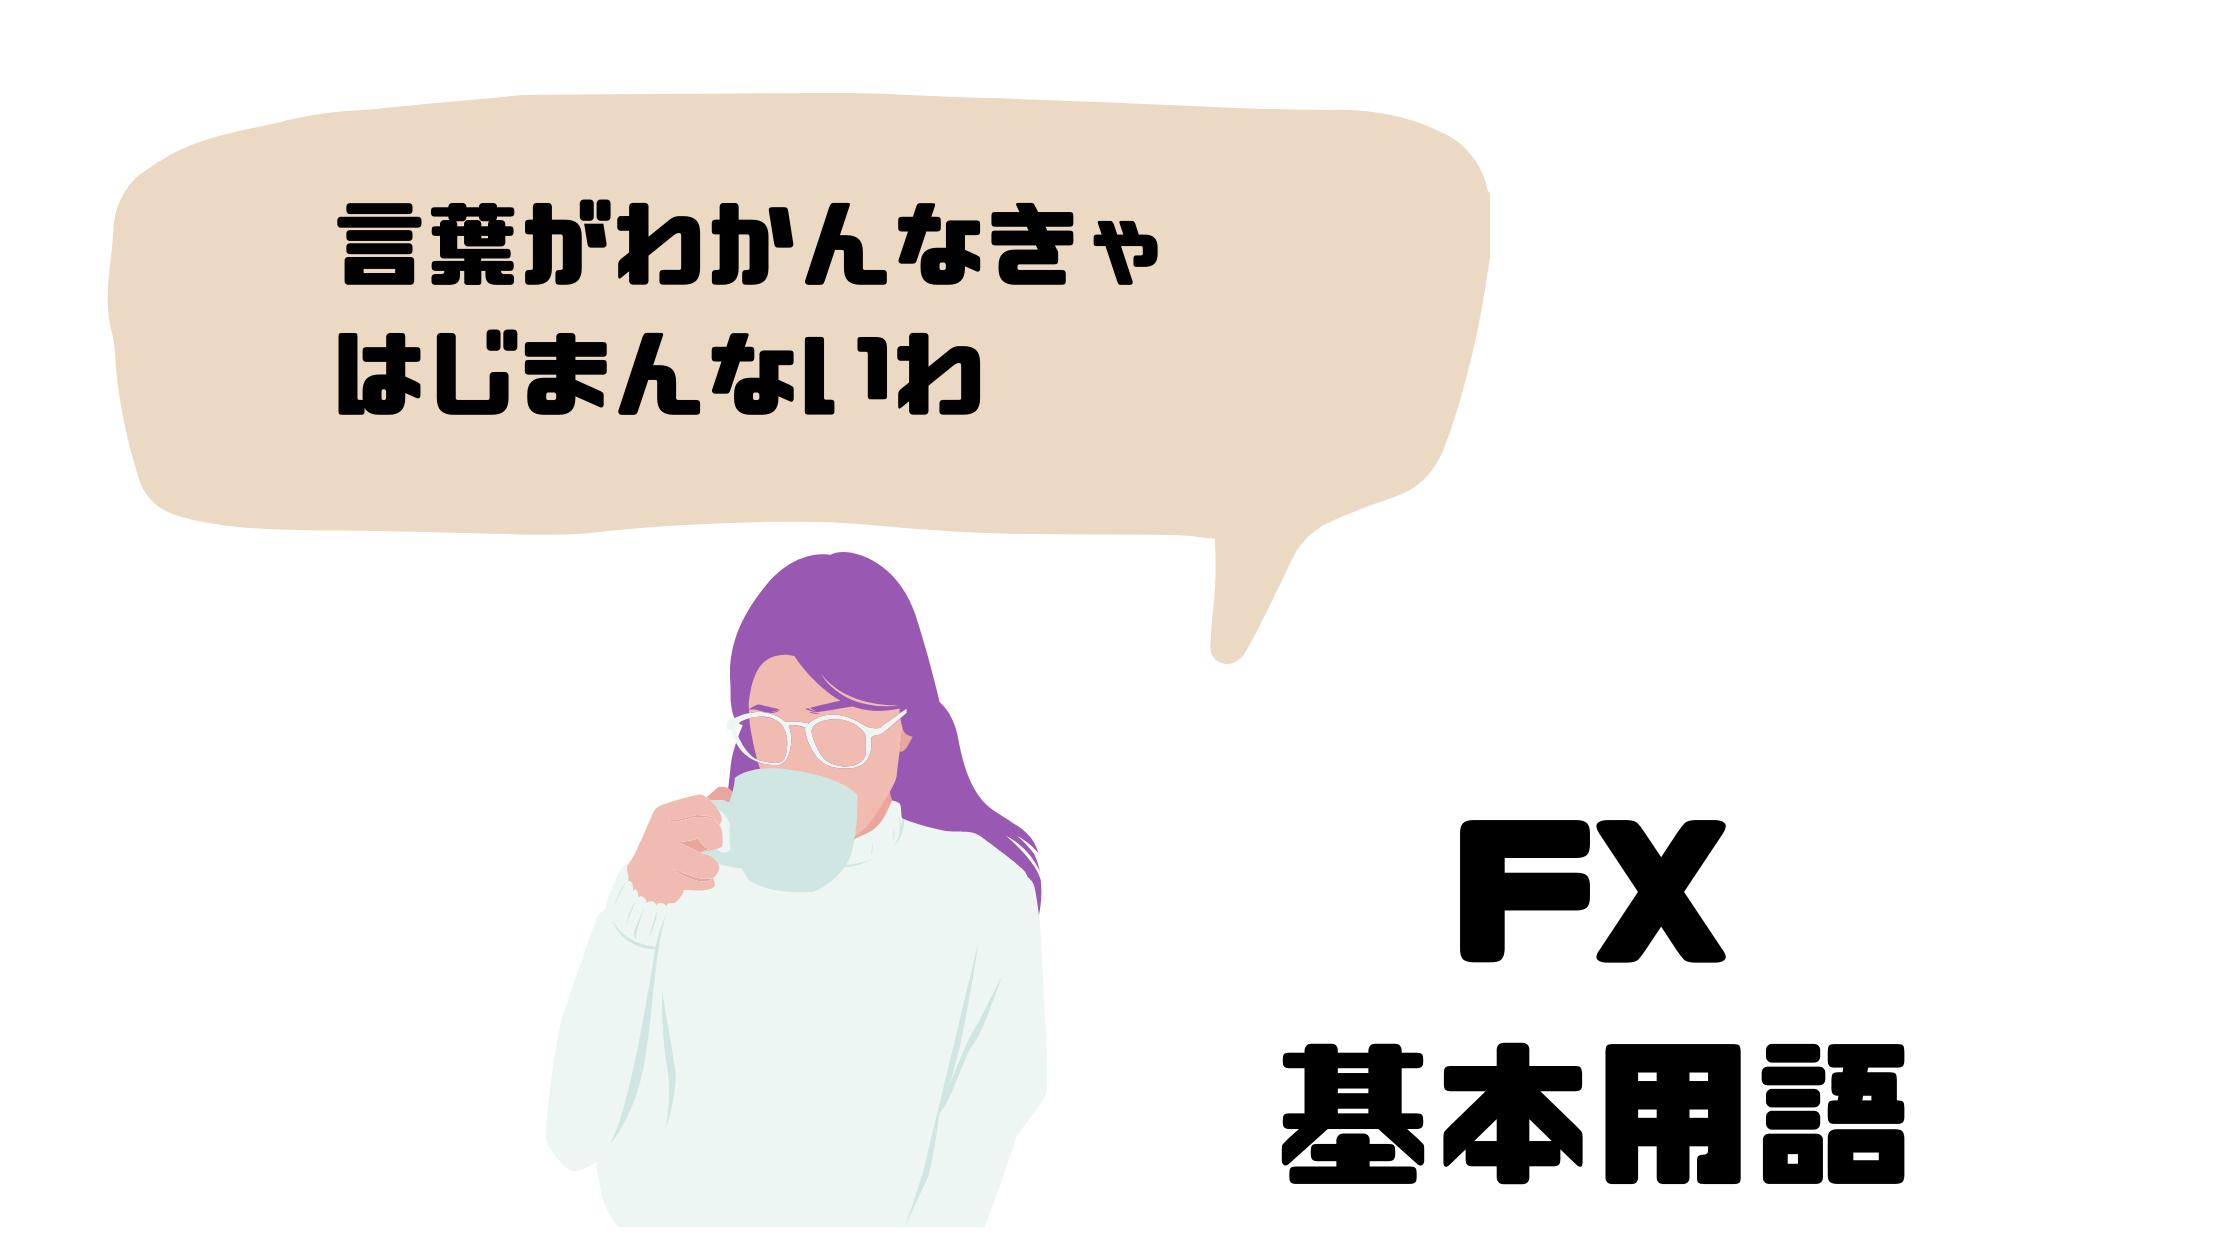 FX_やり方_基本用語